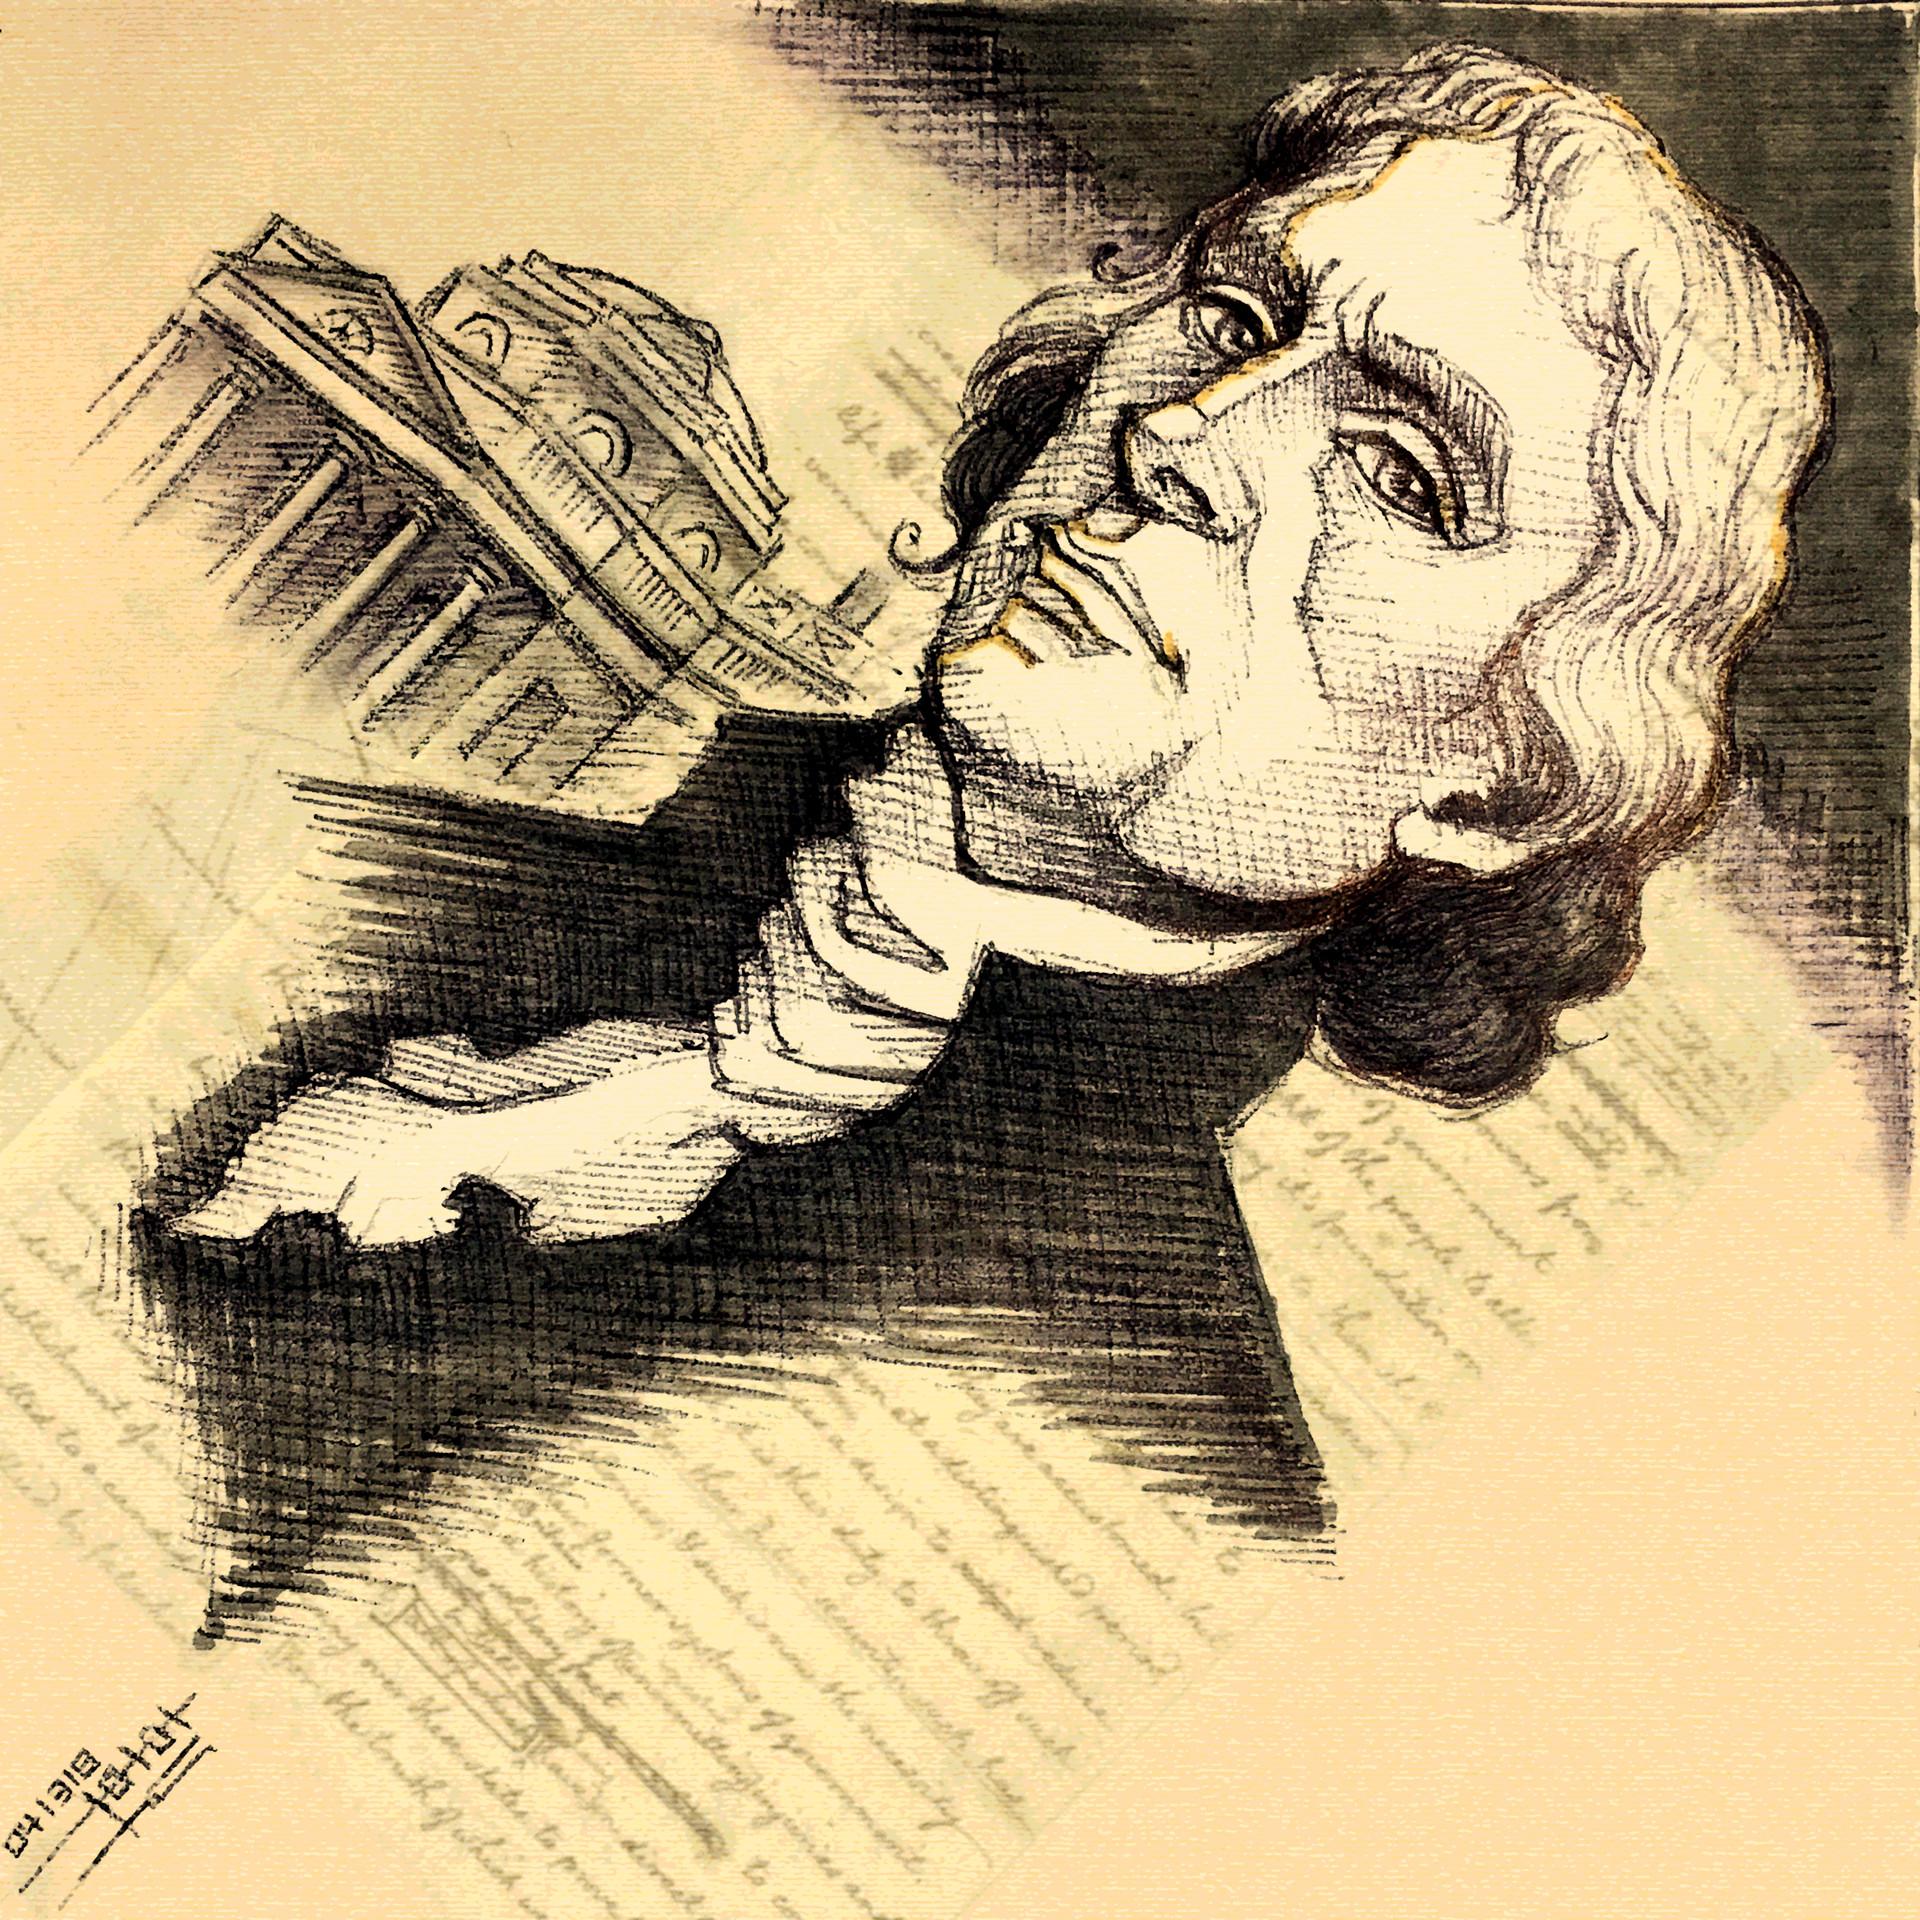 Day 04-13-18 - Thomas Jefferson